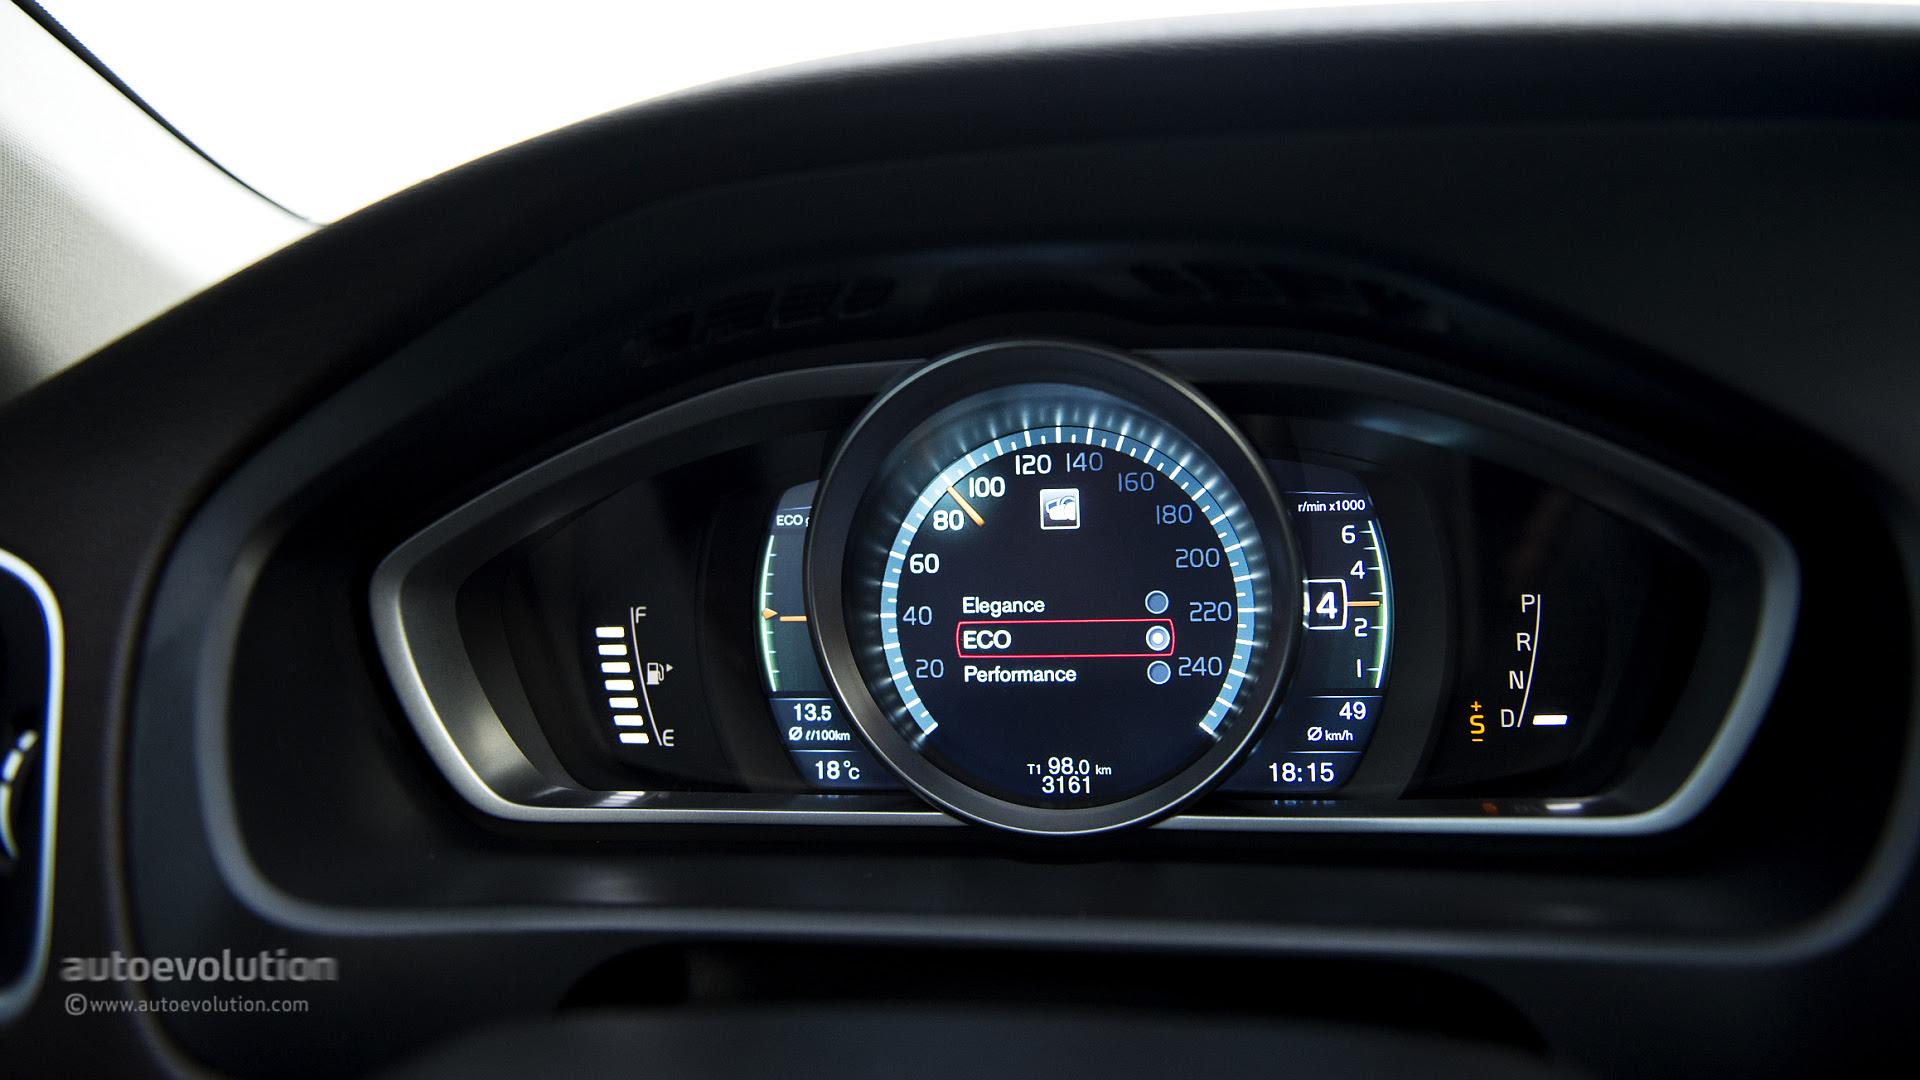 Mercedes Gla 220 Cdi Vs Volvo V40 Cross Country D4 The Cross Hatch Comparison Autoevolution